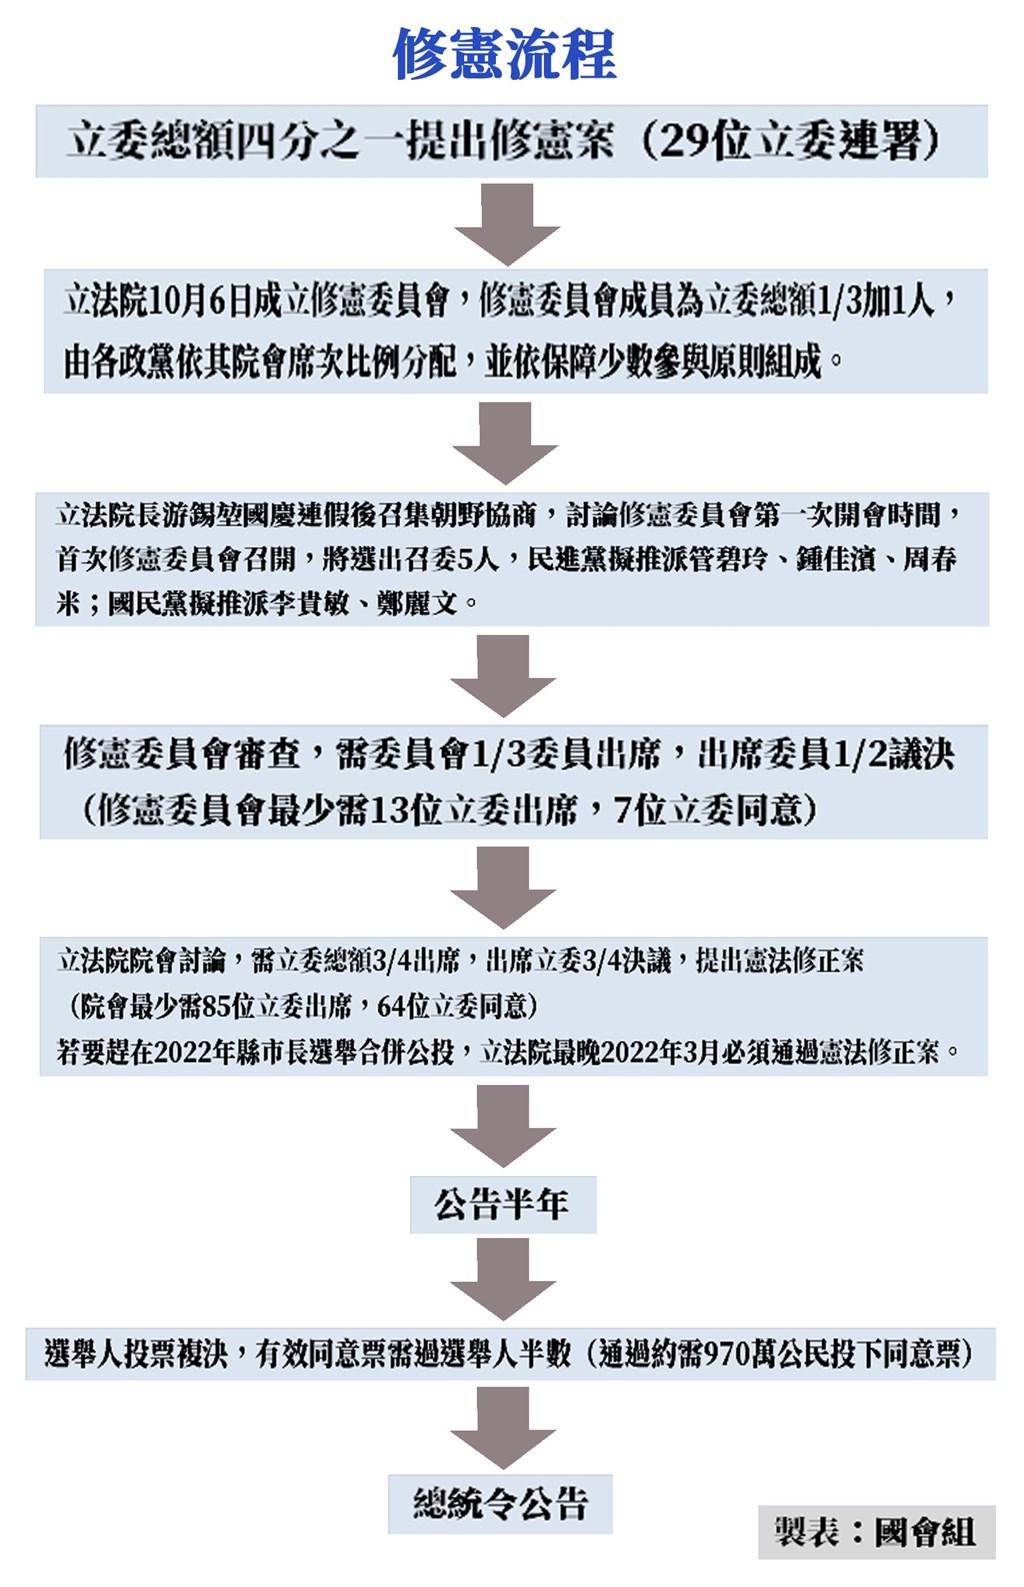 立法院會6日通過朝野推派的修憲委員會委員名單,修憲委員會正式成立。(中央社製圖)